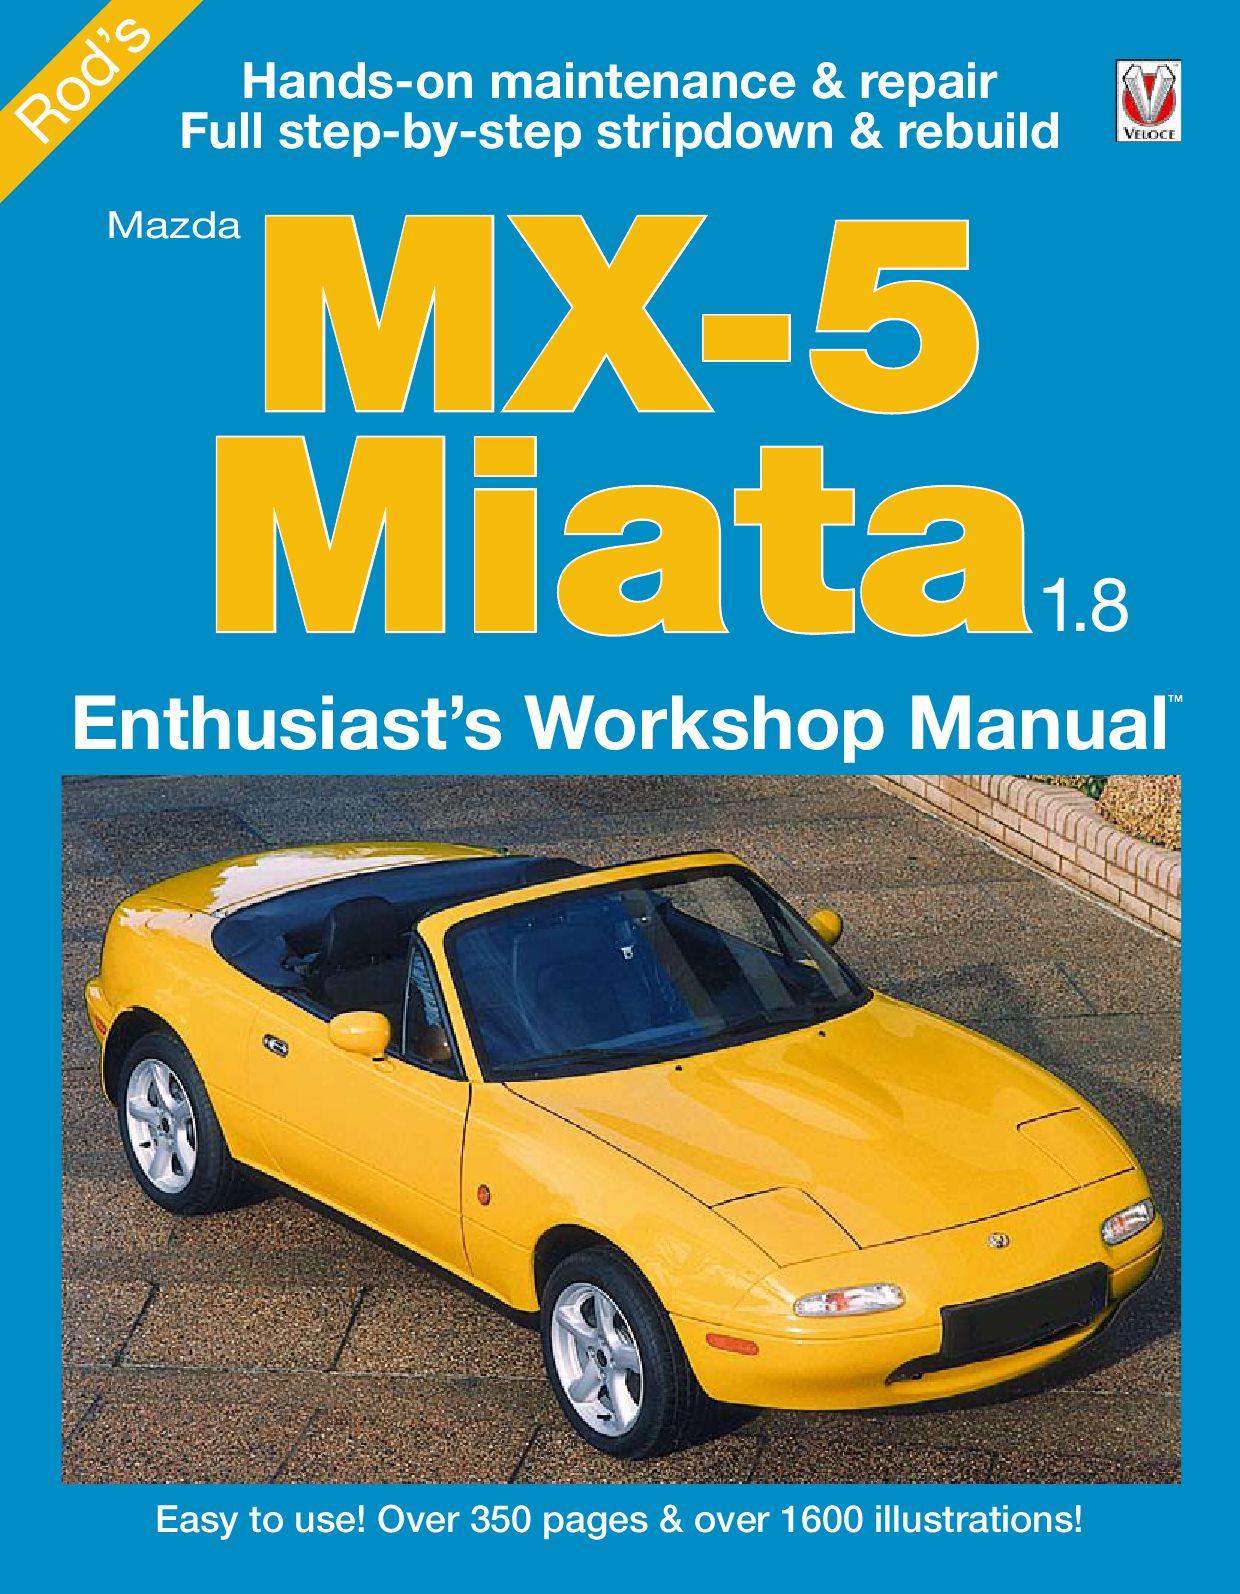 Mazda MX-5 Miata 1.8 Enthusiast's Workshop Manual by Veloce Publishing -  issuu